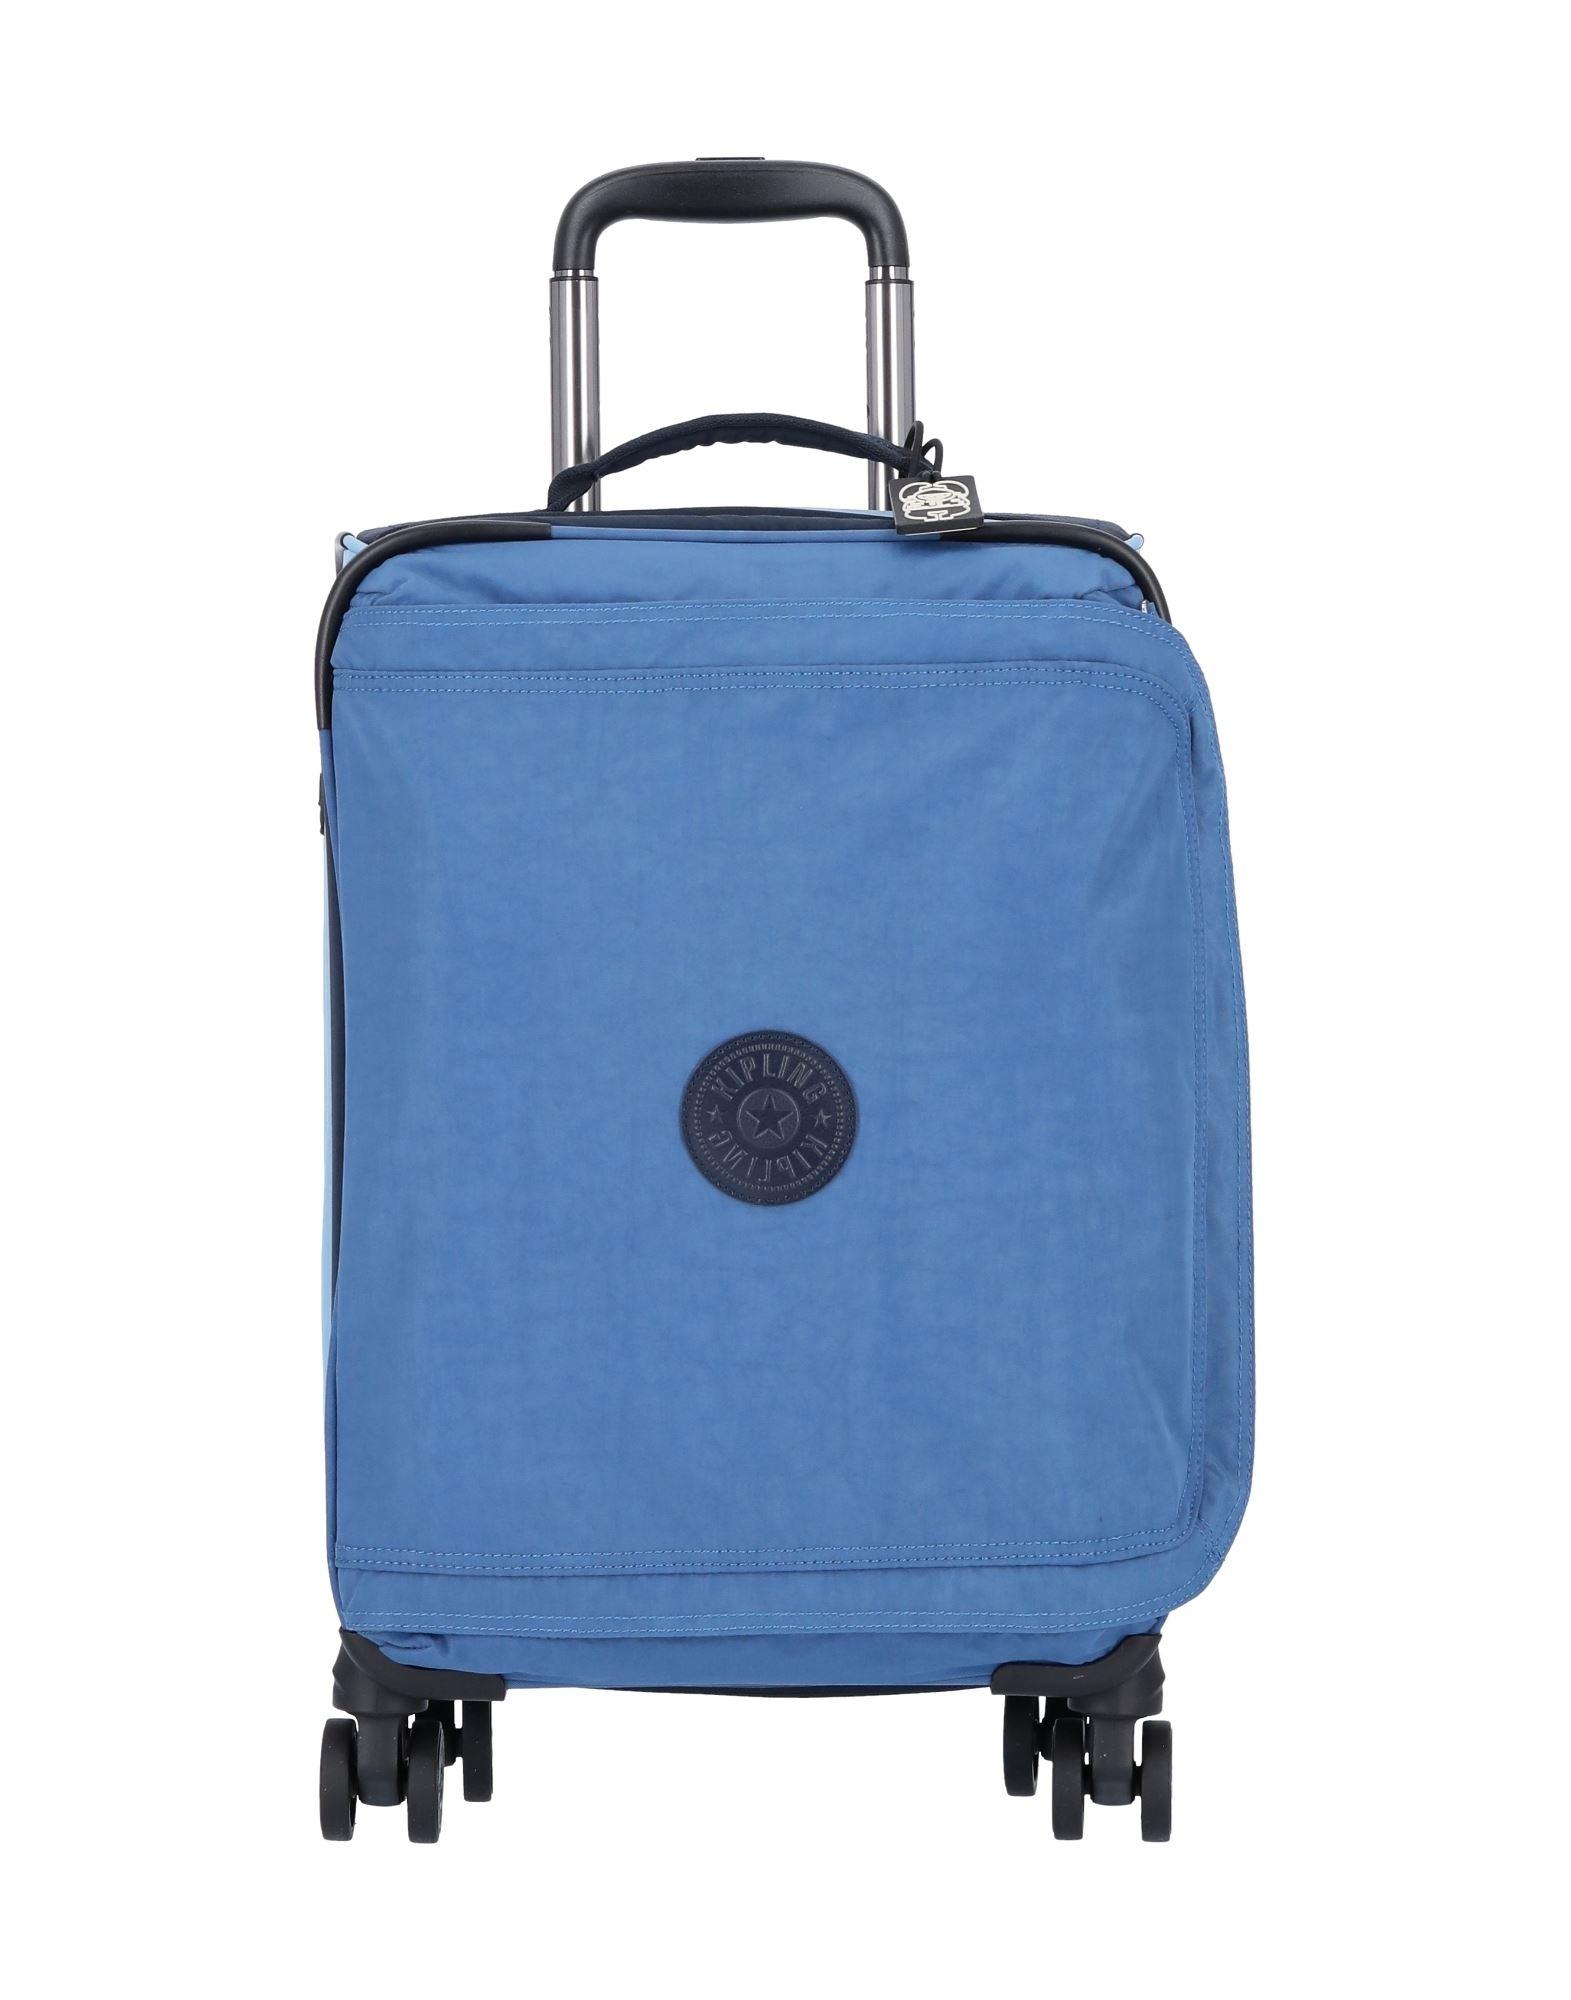 《セール開催中》KIPLING Unisex キャスター付きバッグ スカイブルー ナイロン 100%